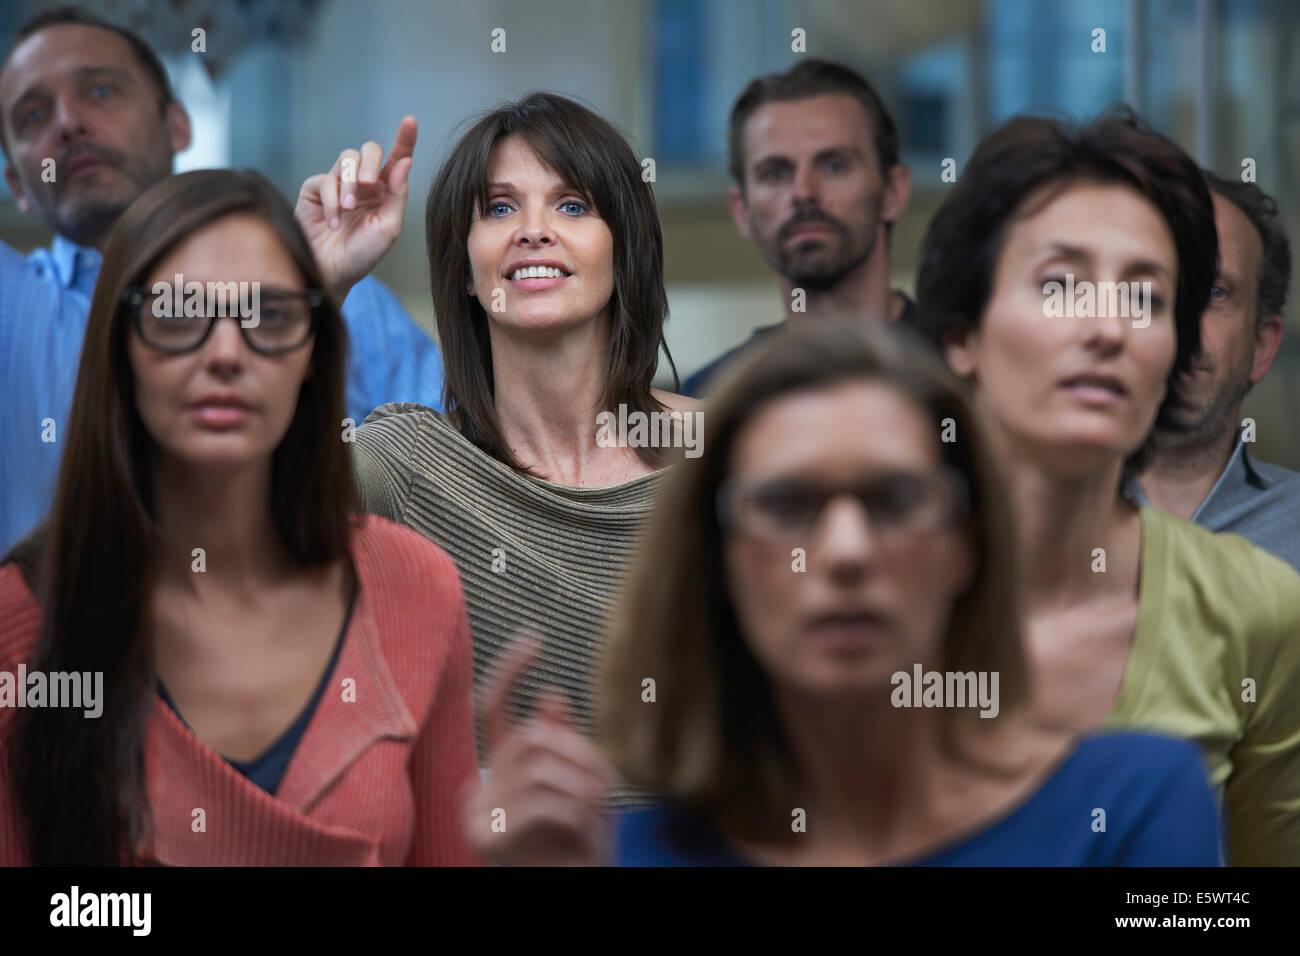 Grupo viendo la presentación, mujer levantando la mano Imagen De Stock